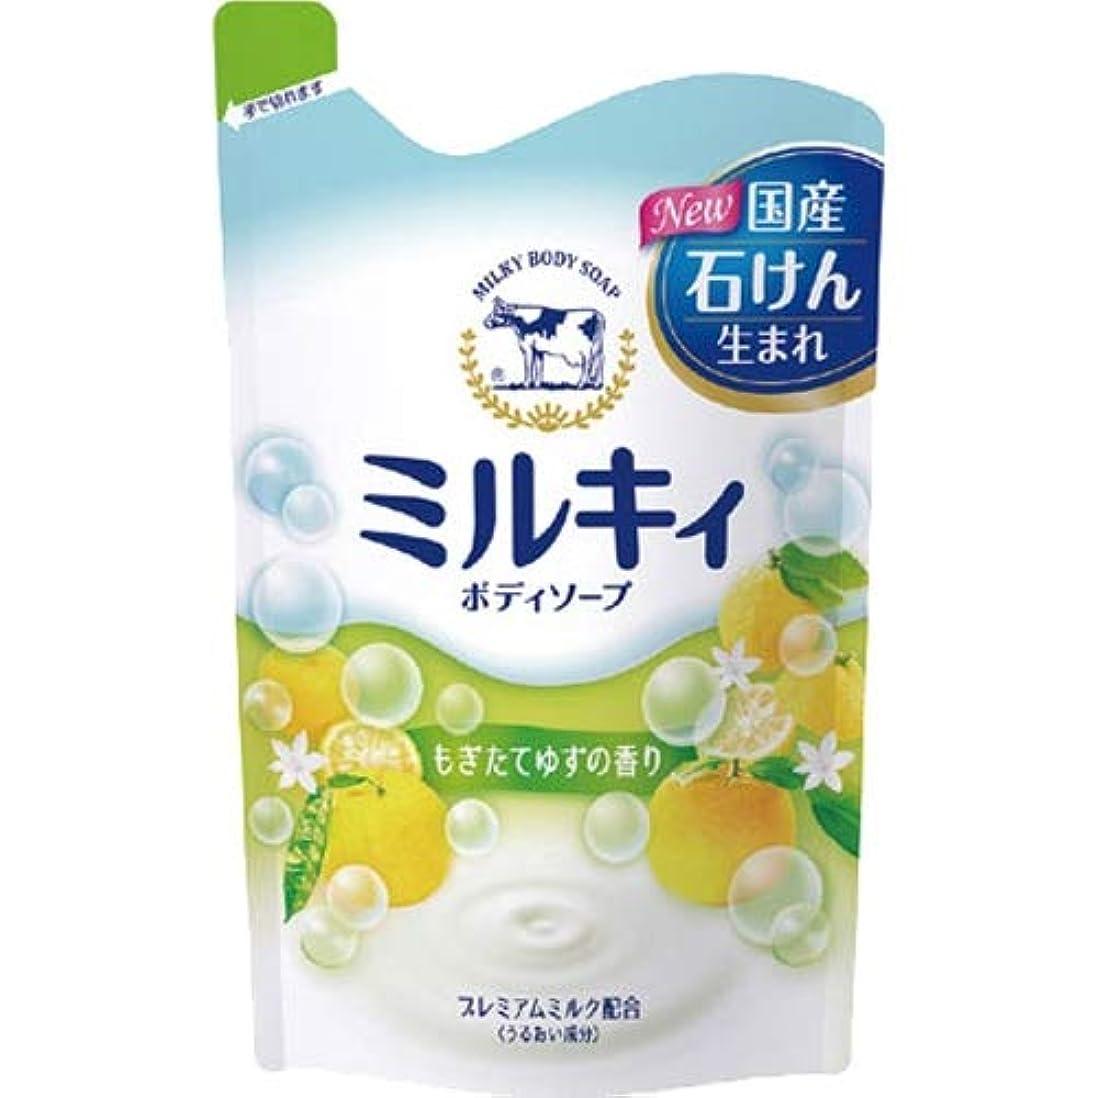 シェードラフ睡眠保護ミルキィ ボディソープ シトラスソープの香り 詰替用400mL